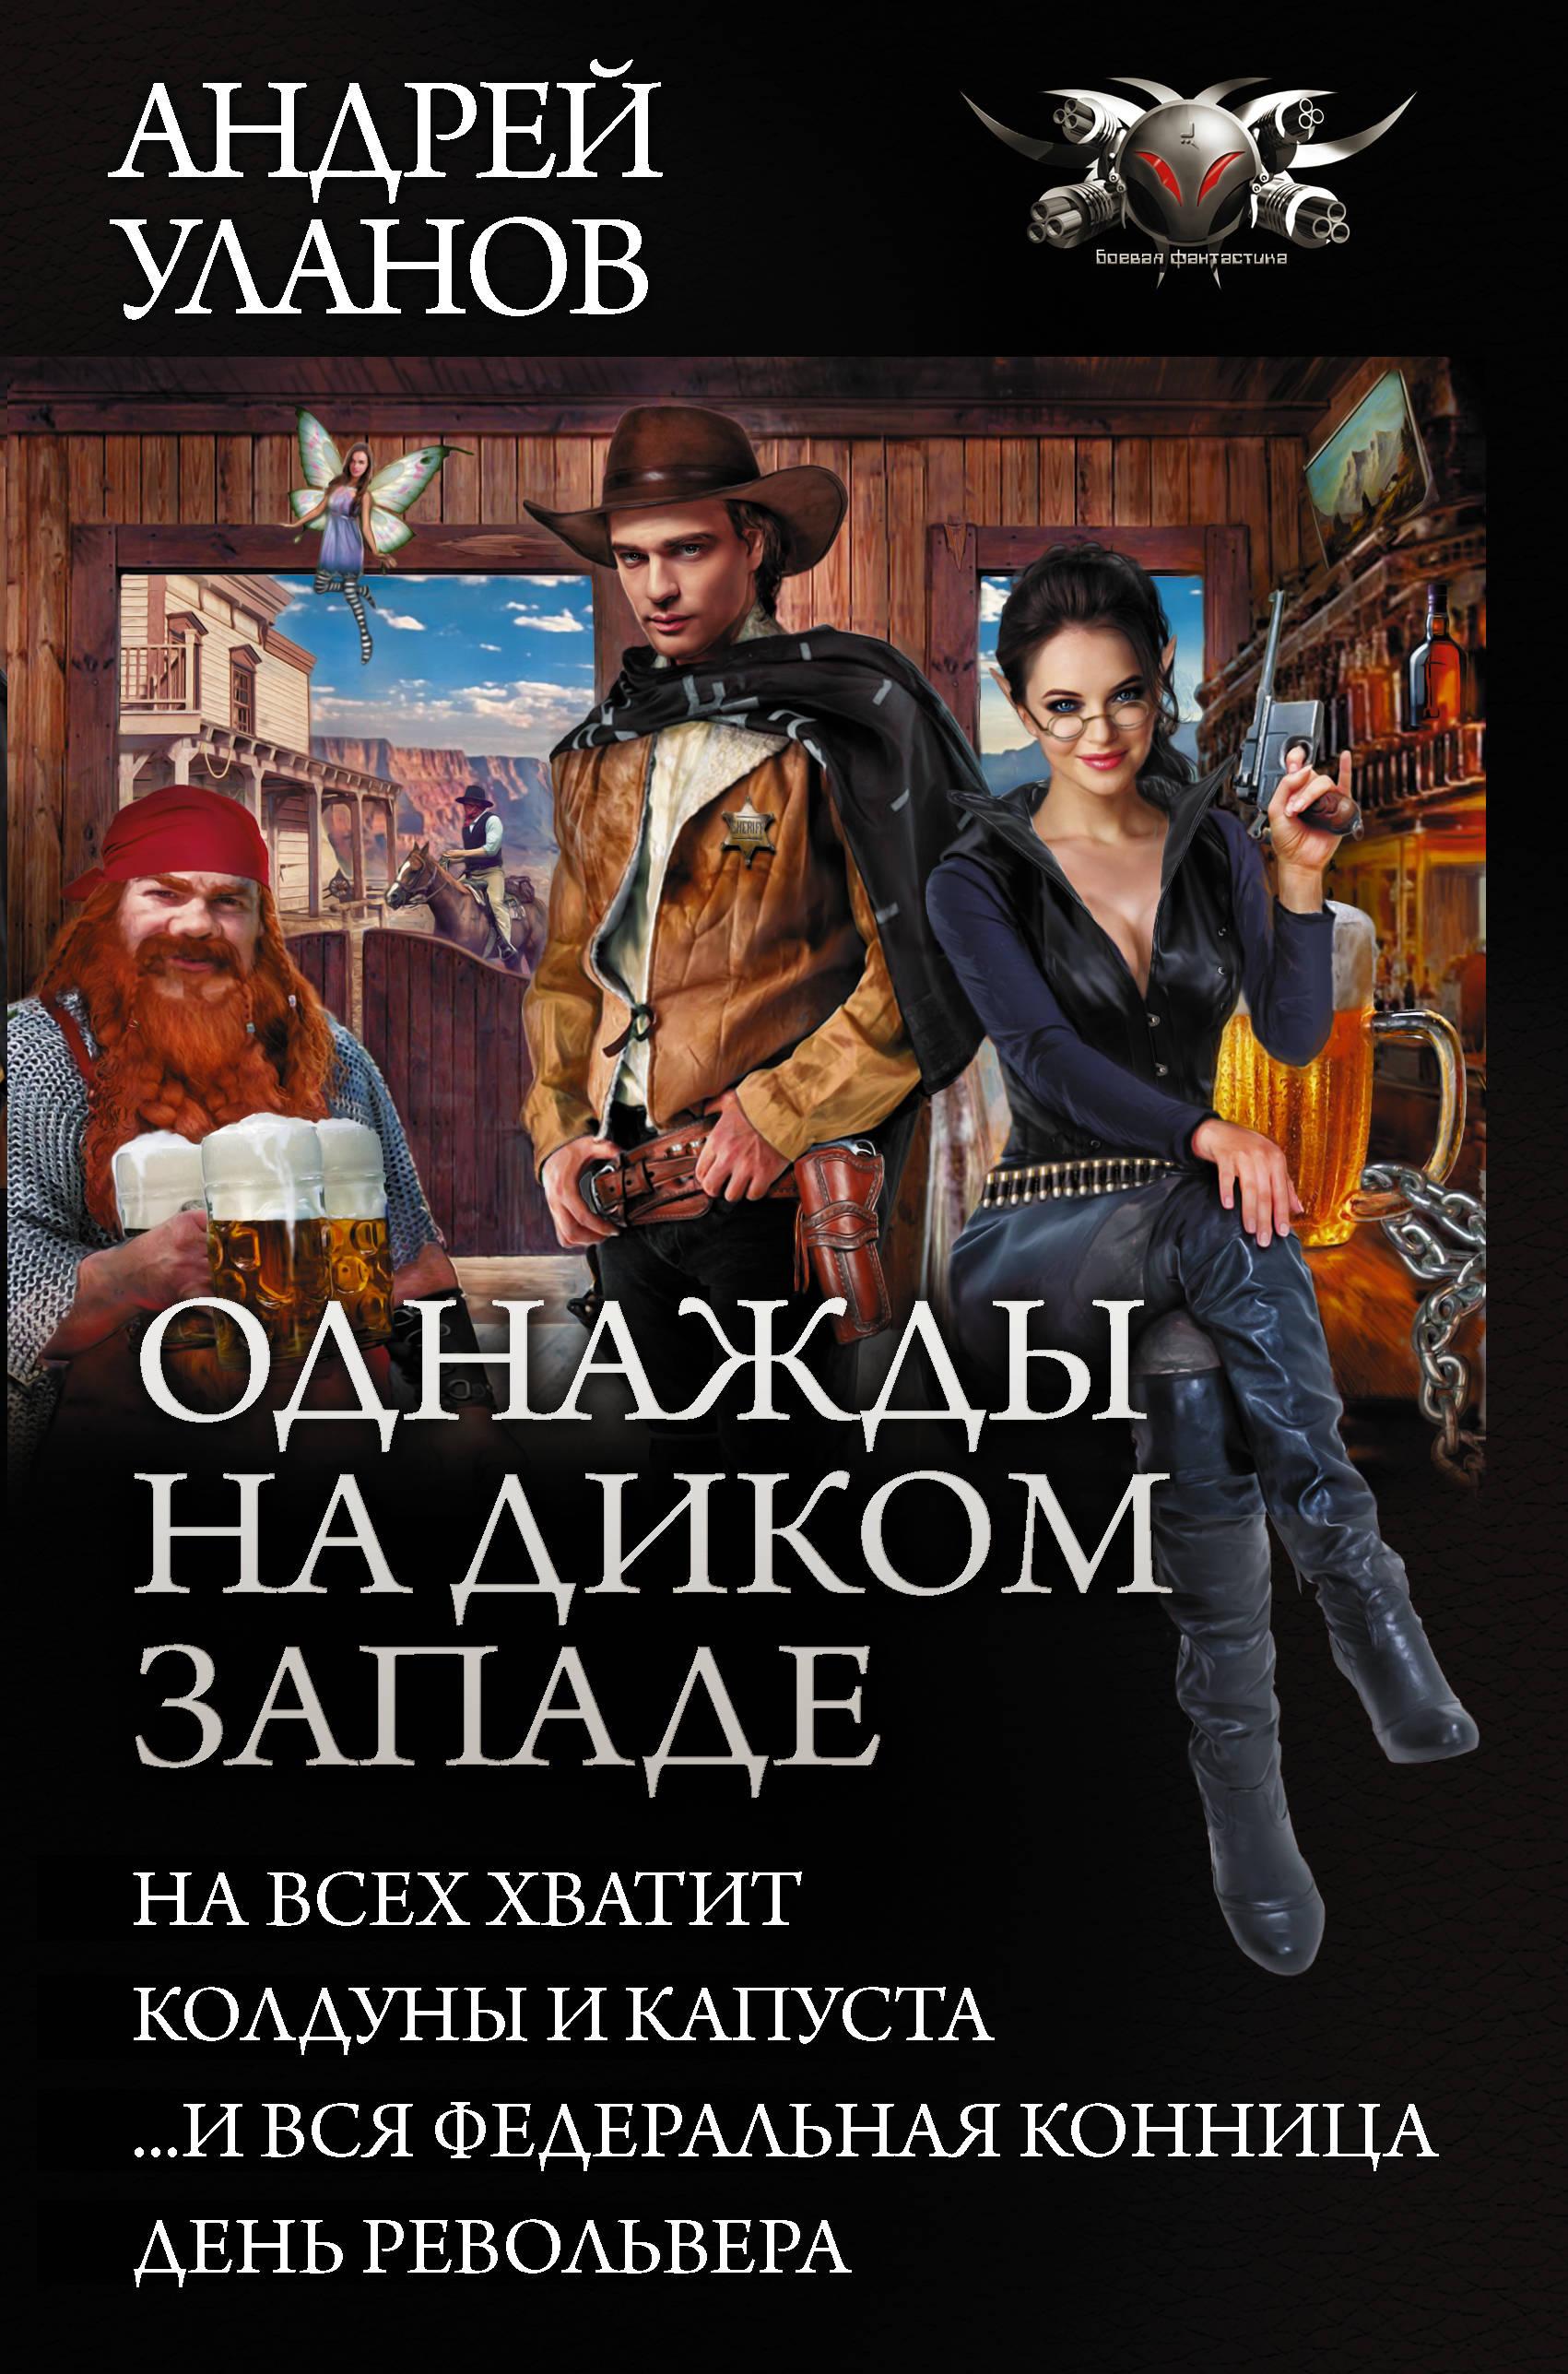 Однажды на Диком Западе - Андрей Уланов